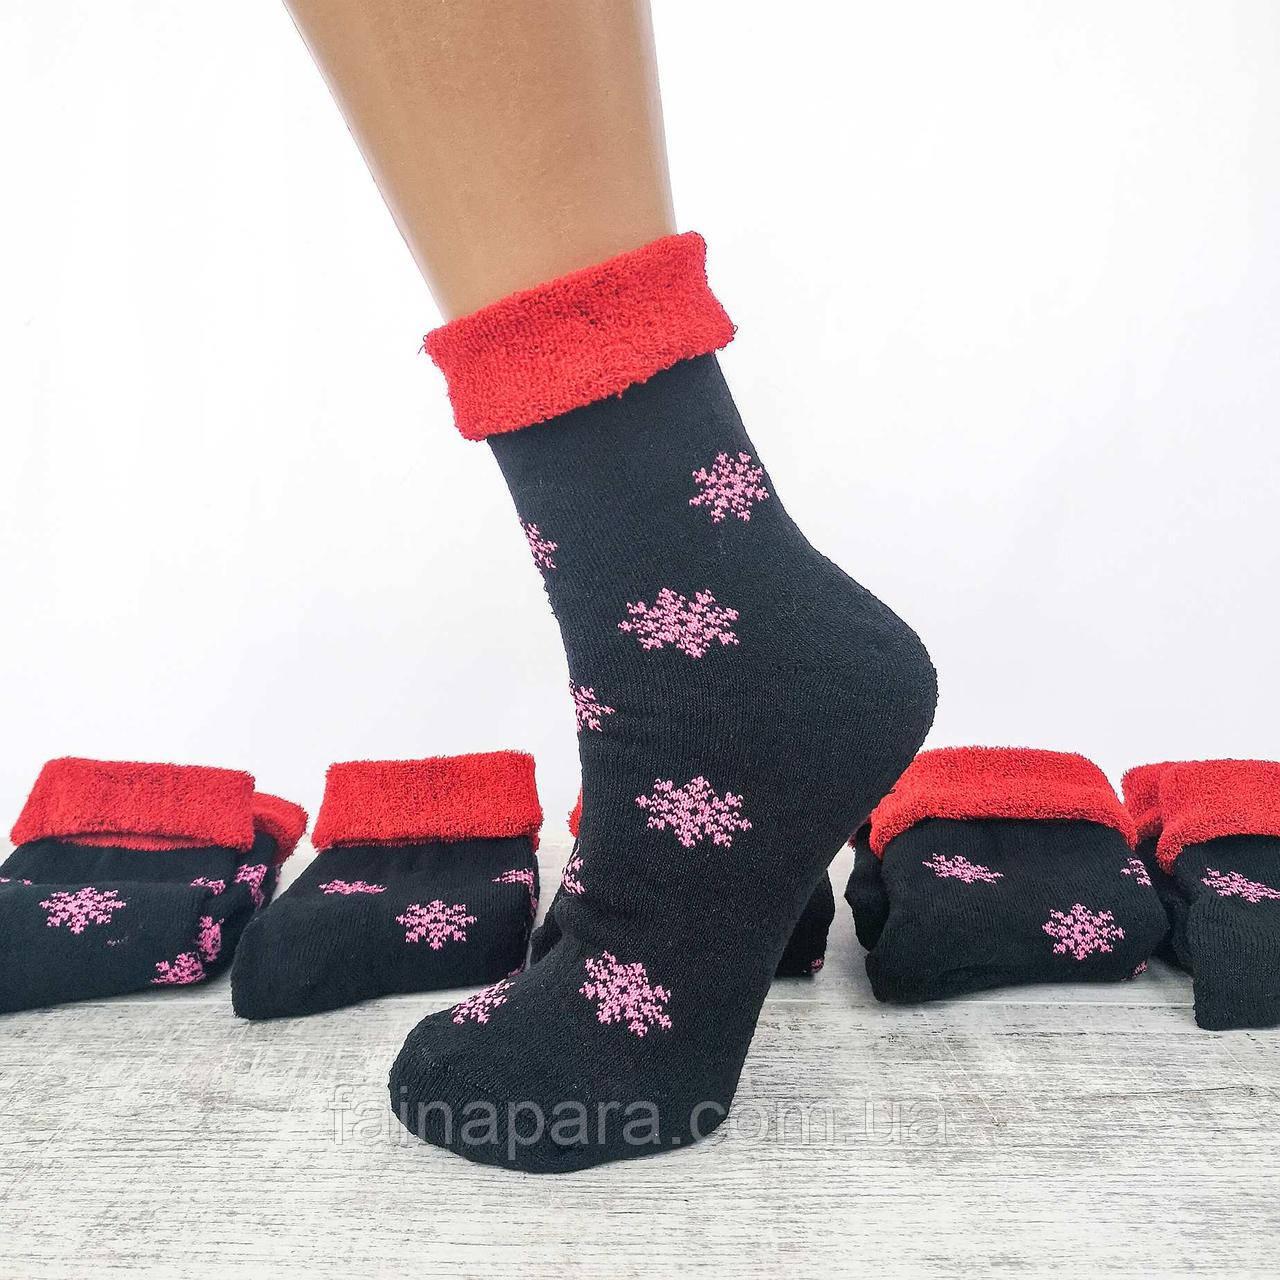 Носки женские медицинские без резинки махровые снежинка с отворотом